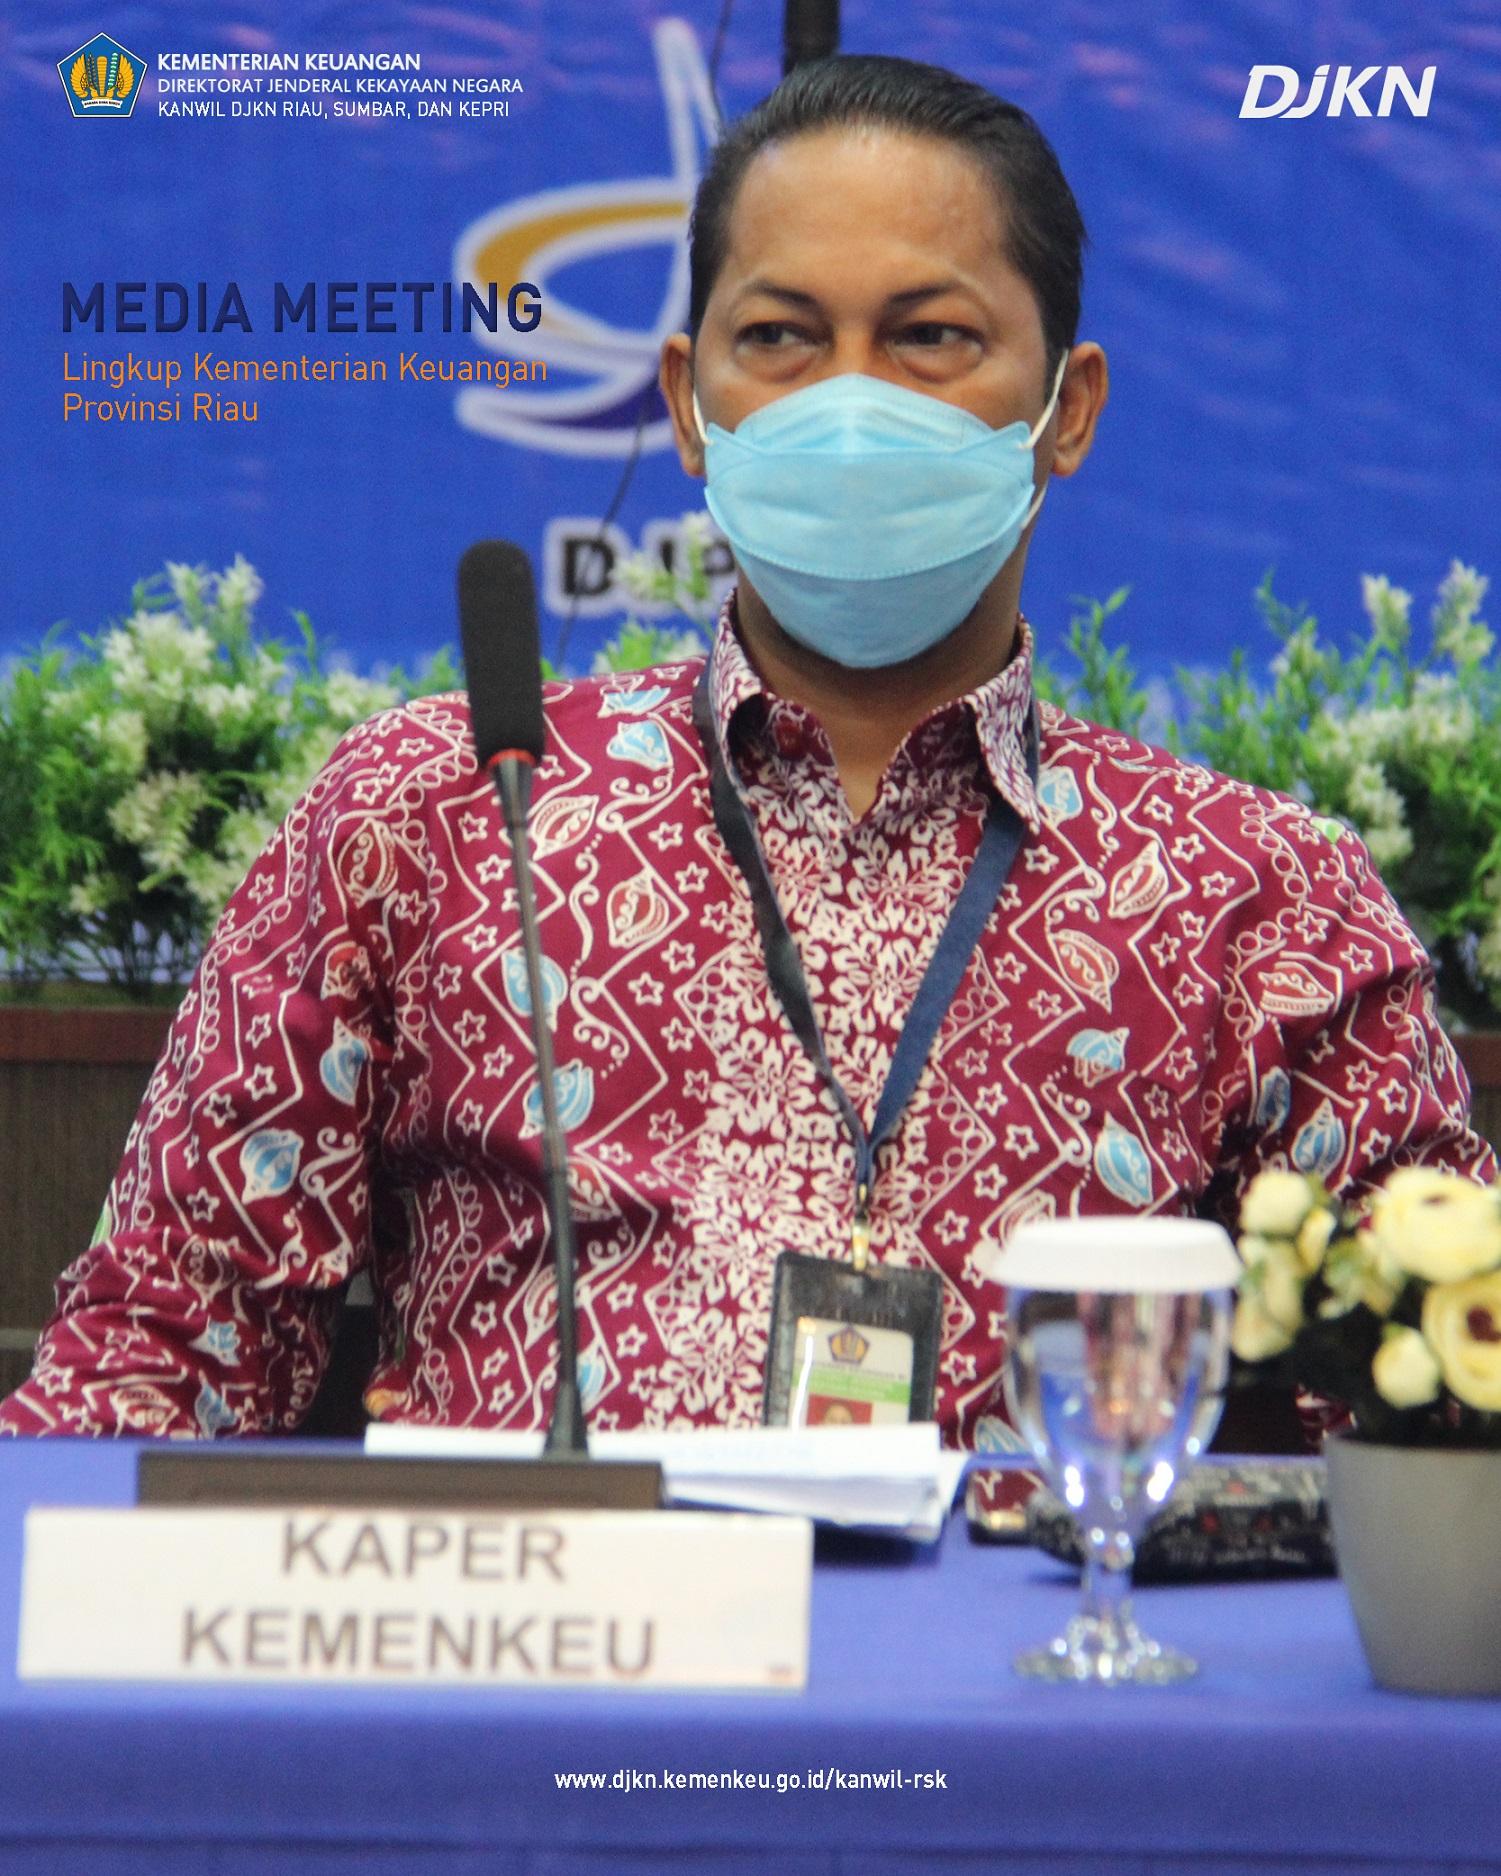 Gelar Konferensi Pers, Kanwil DJKN RSK Umumkan Capaian PNBP Pengelolaan Kekayaan Negara Tahun 2020 Rp128,38 miliar